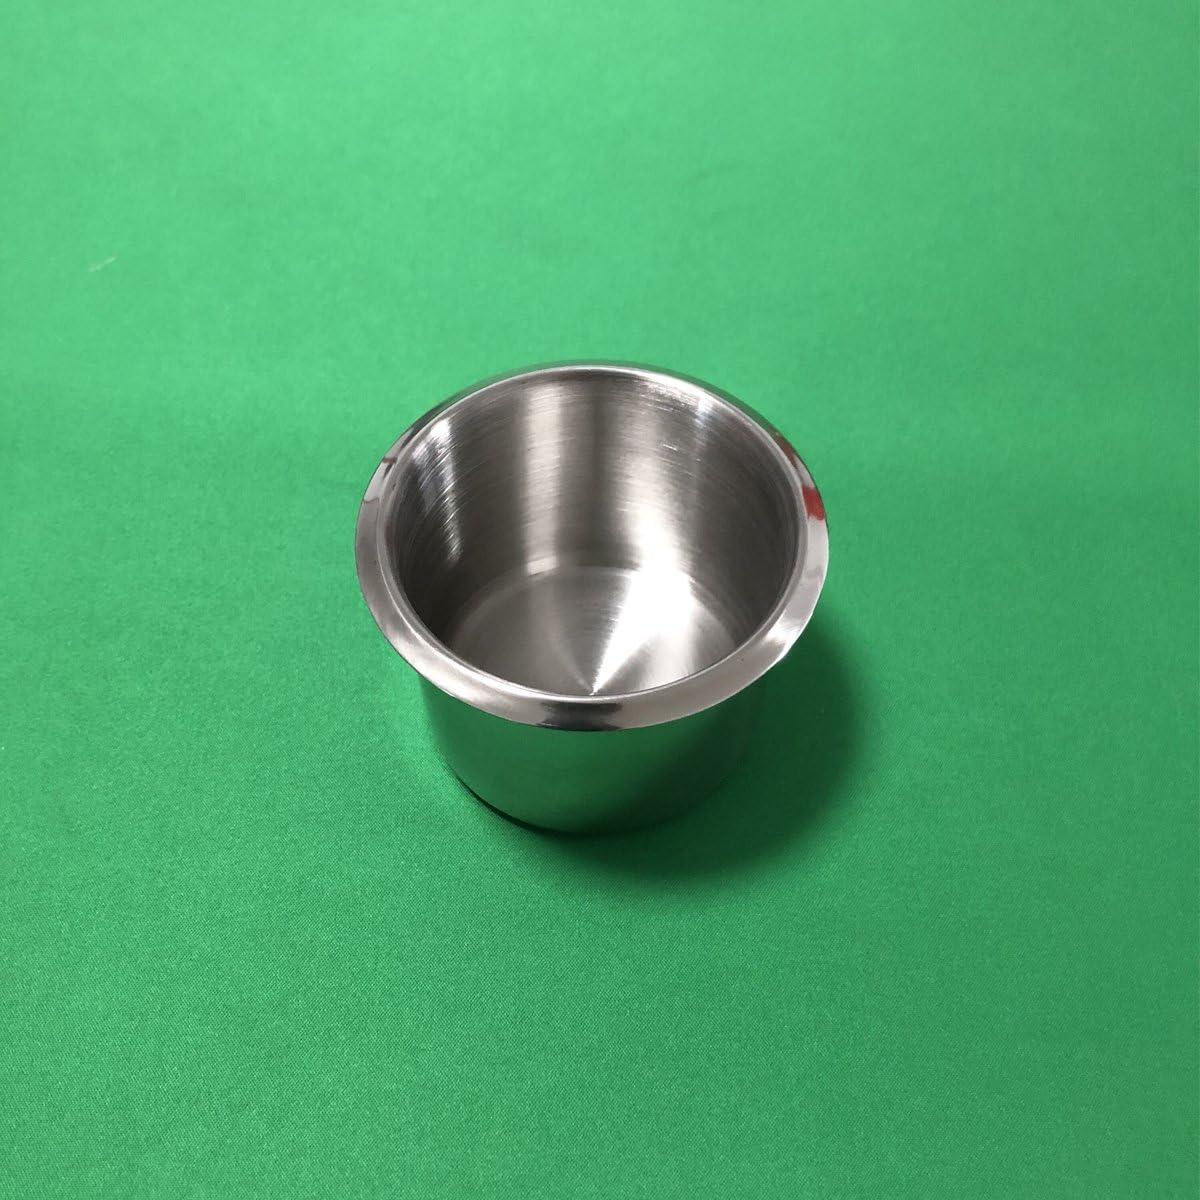 Yuanhe 10 Stück Edelstahl Drop In Pokertisch Getränkehalter Getränkehalter Klein Spielzeug